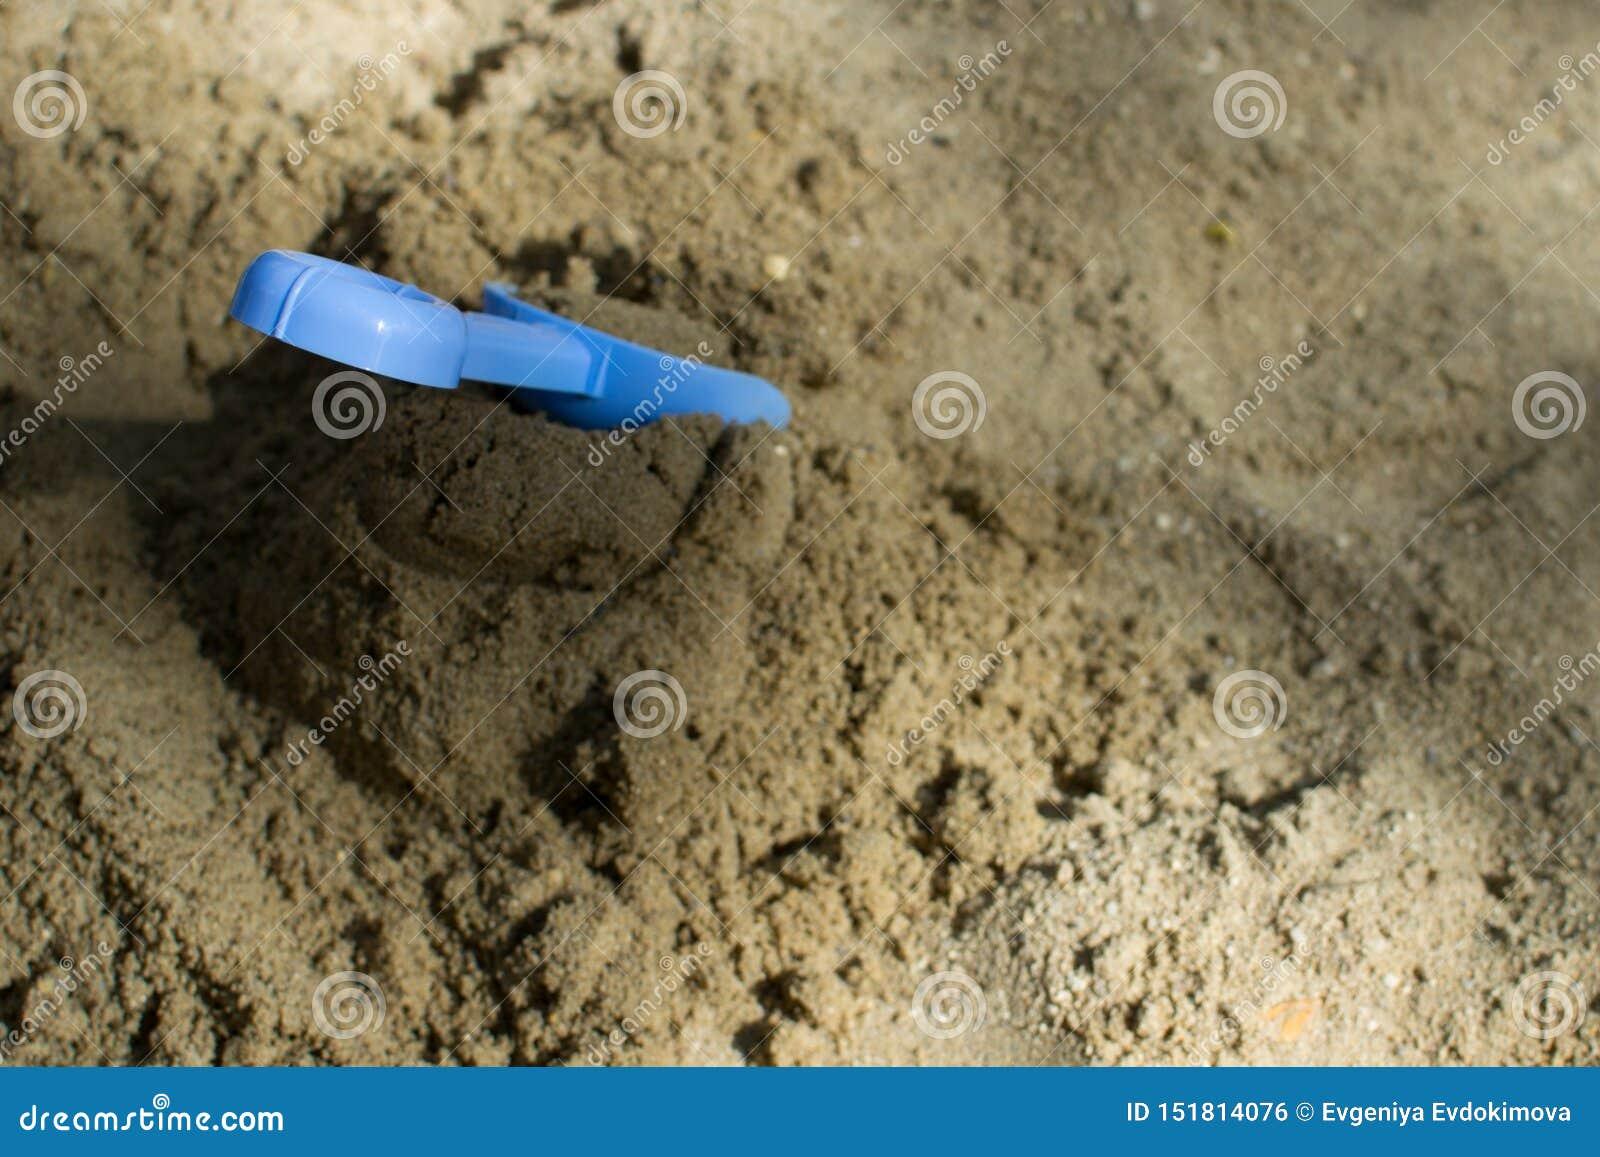 Plak een schop in een stapel van zand